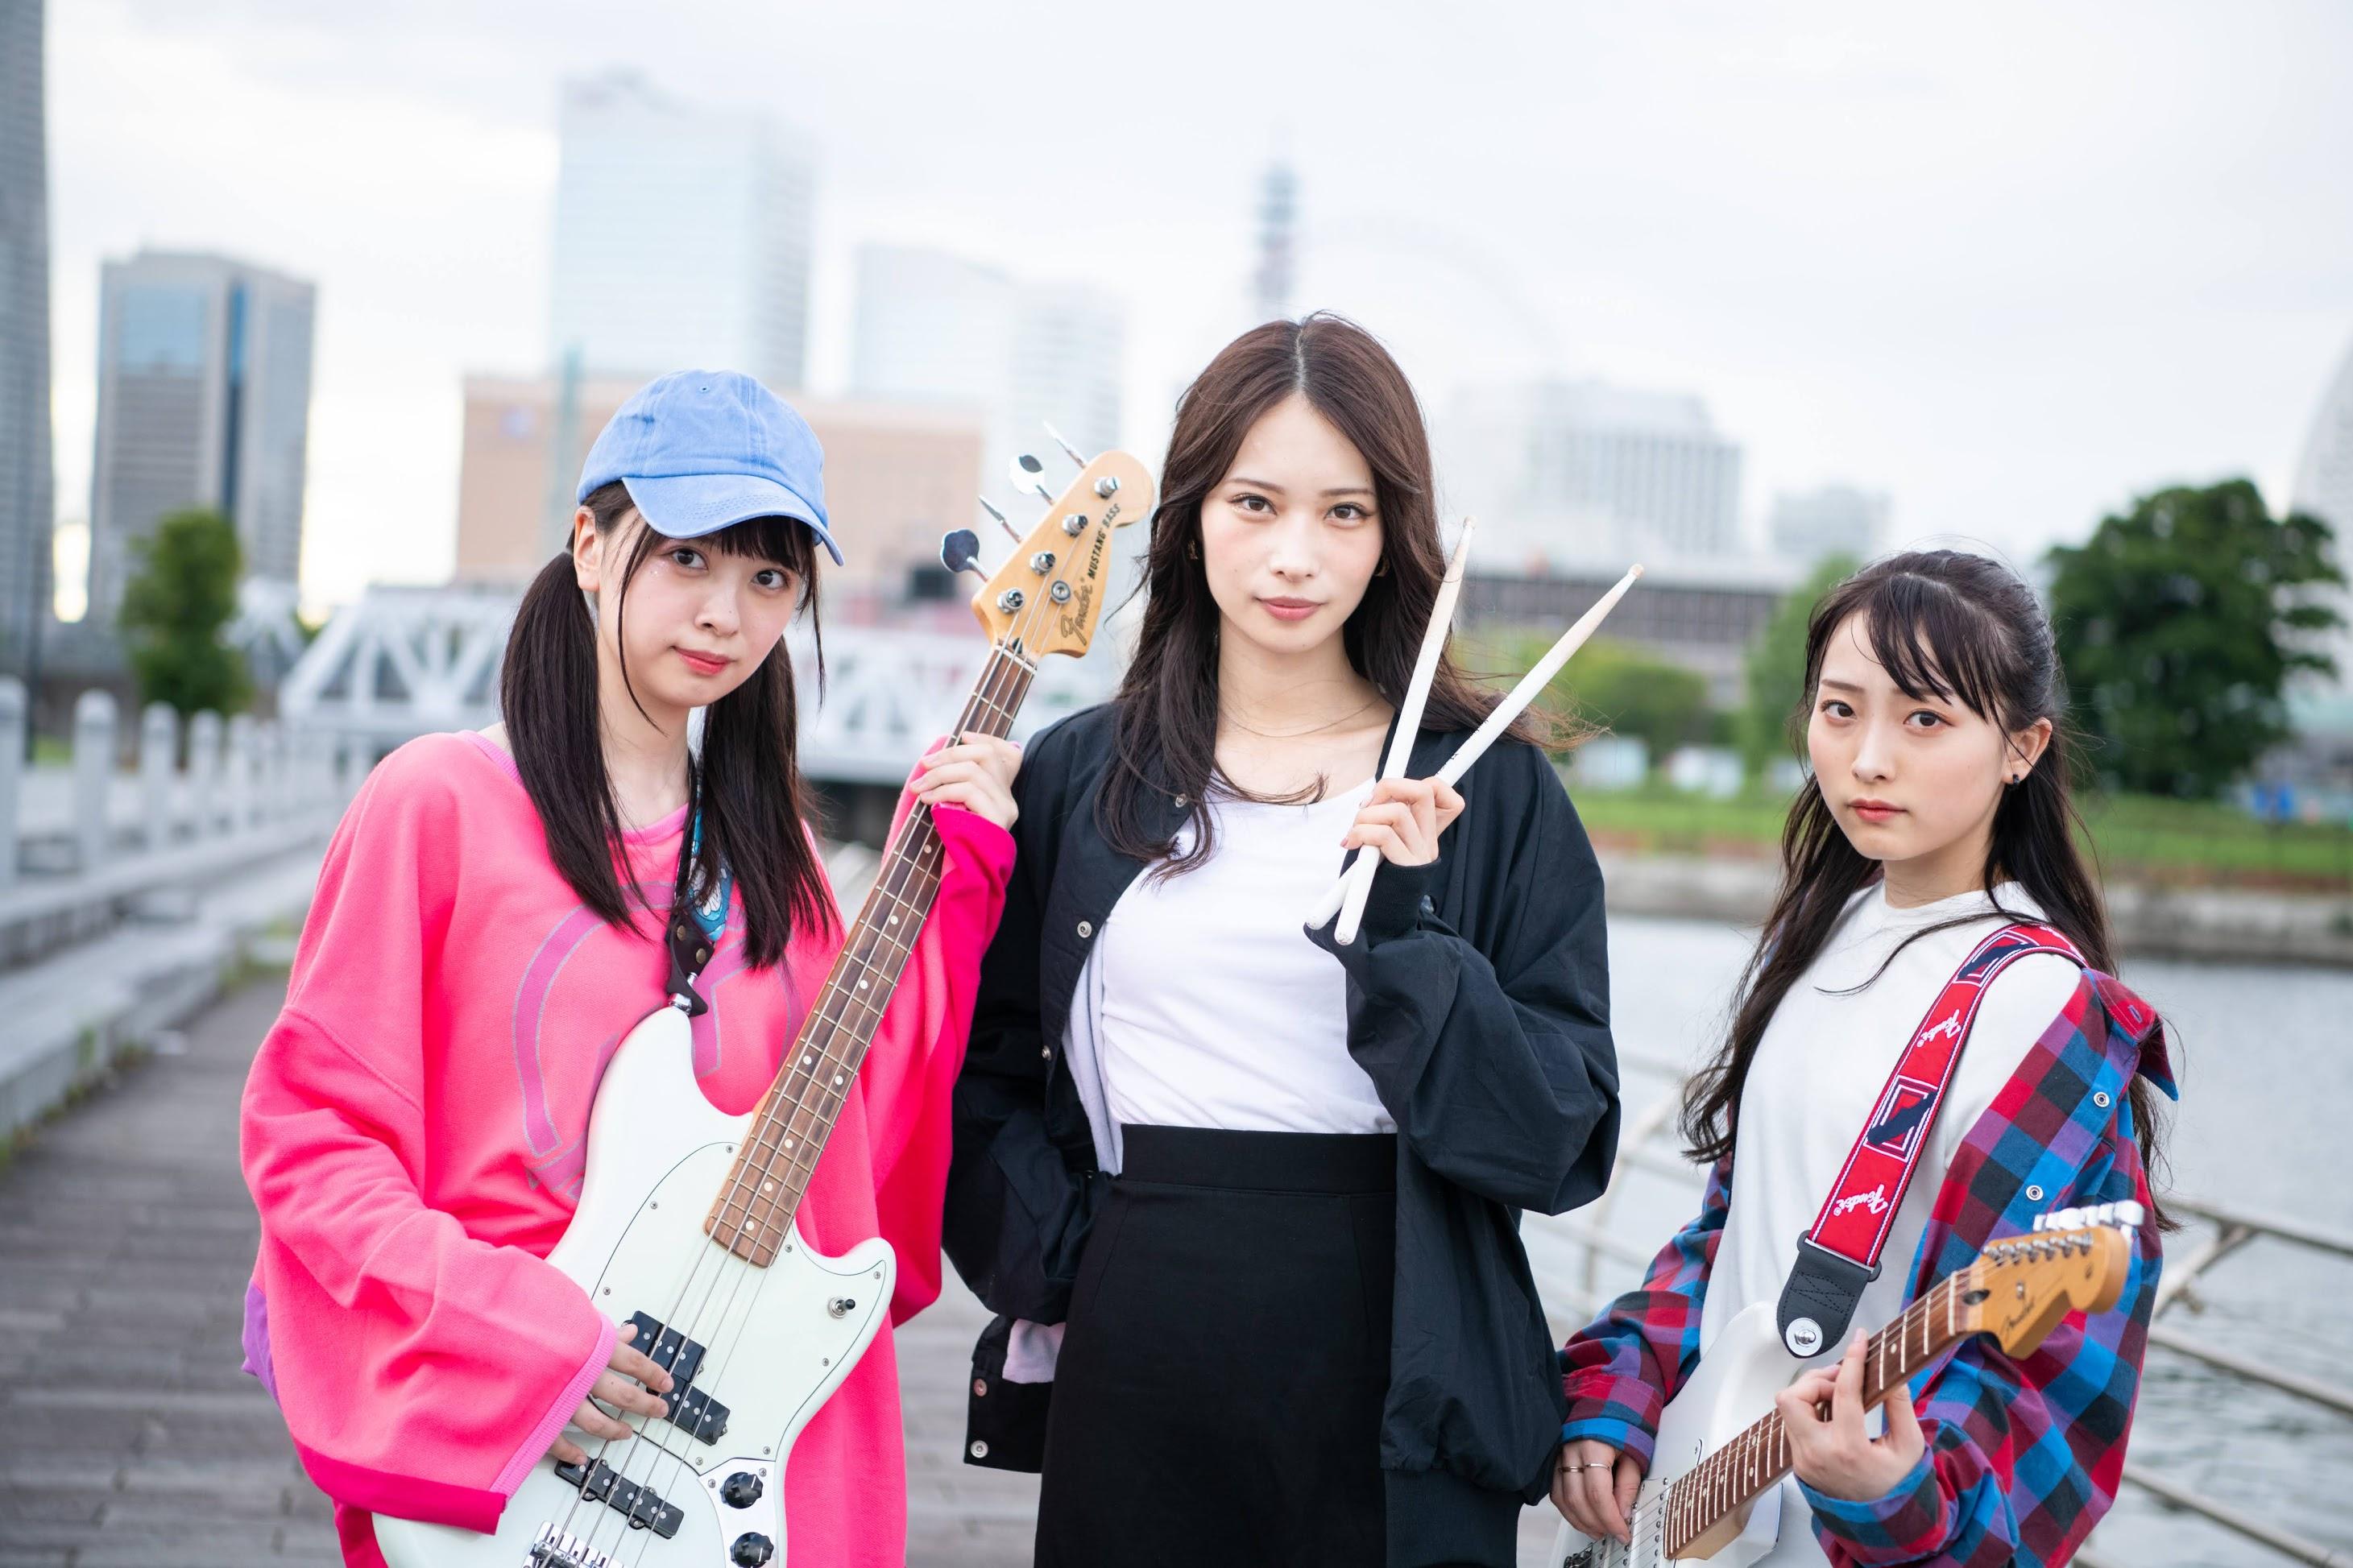 1月16日土曜日 きみとバンド 47都道府県全県ツアー